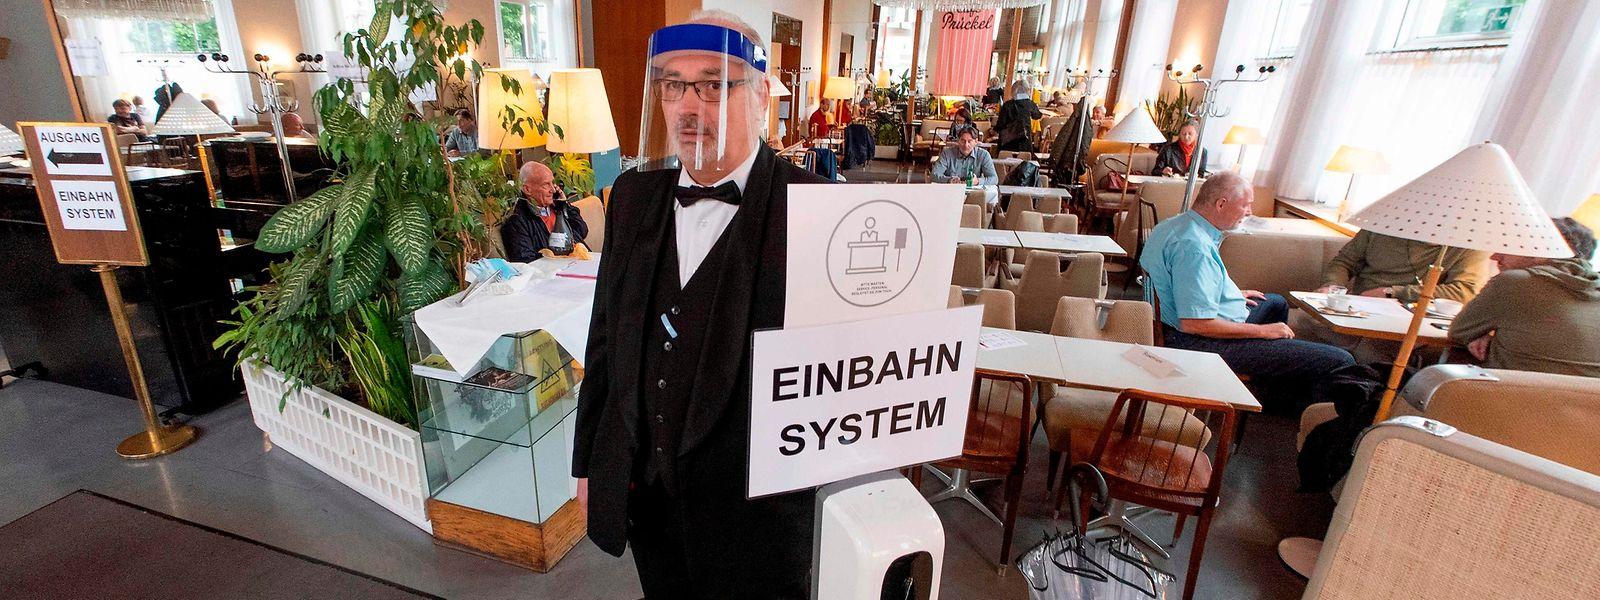 Einbahn-System: Ein Kellner mit Plexiglas-Schild des Cafe Prueckel in Wien weist den Gästen bei ihrer Ankunft den Weg.